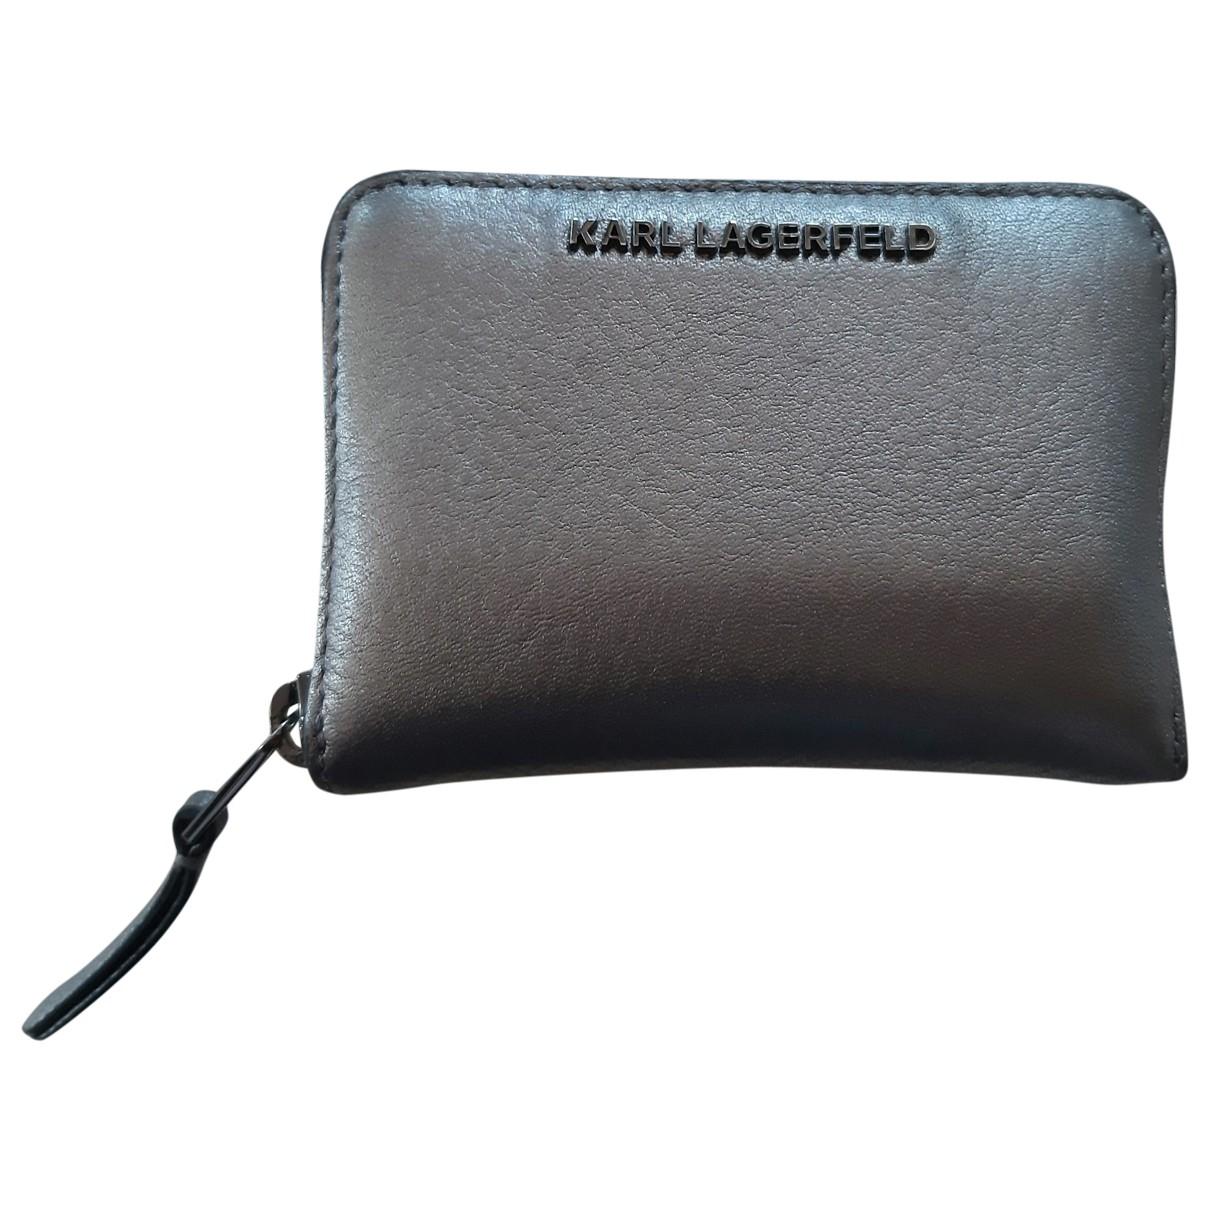 Cartera de Cuero Karl Lagerfeld